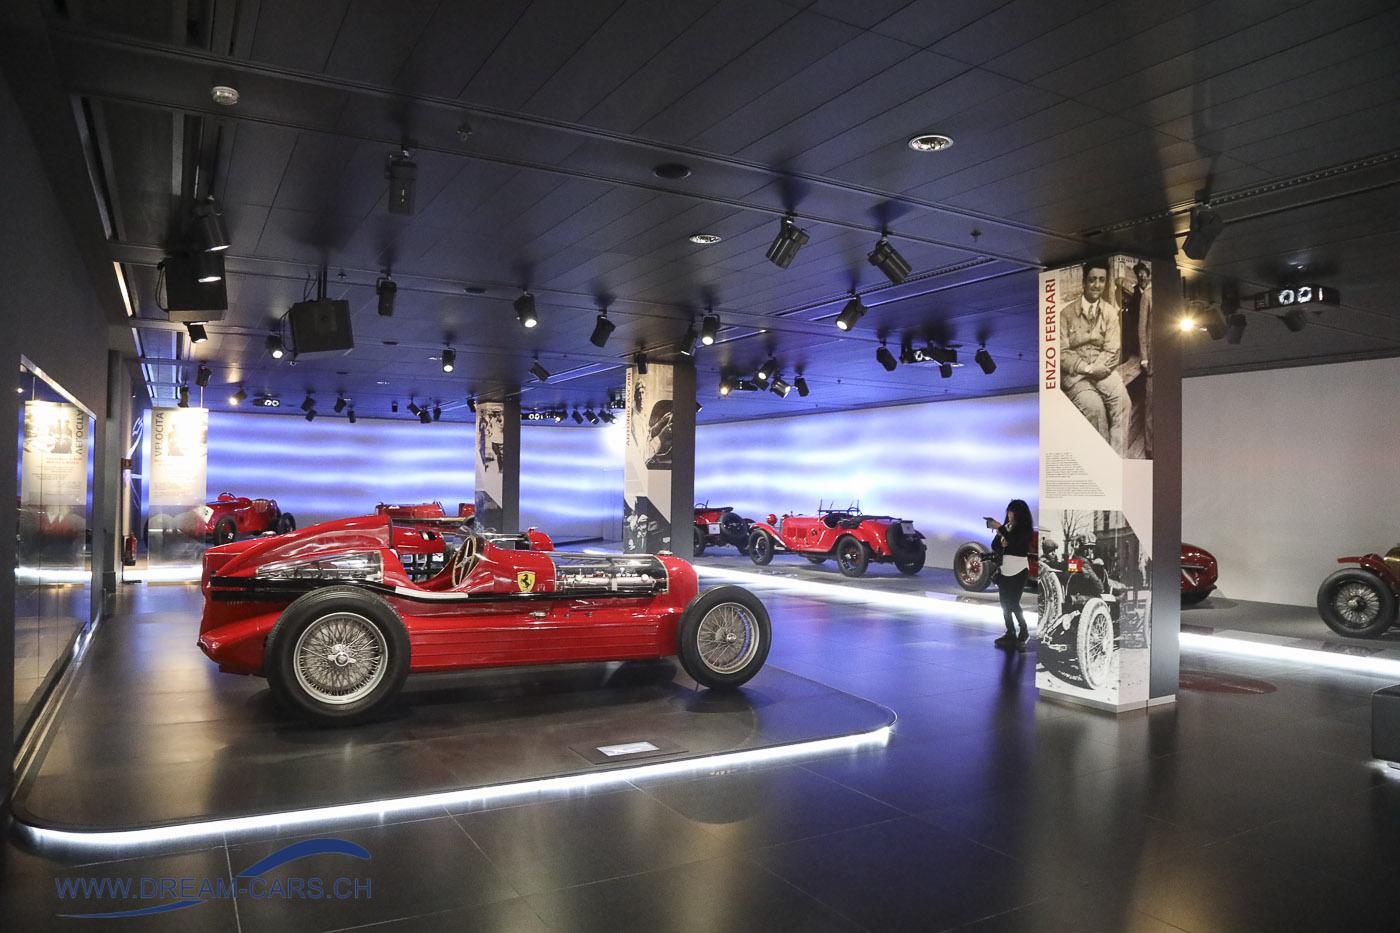 Museo Storico Alfa Romeo in Arese, Besuch vom 25.11.2018. Der Bereich mit den Rennwagen aus der Zeit vor dem Zweiten Weltkrieg